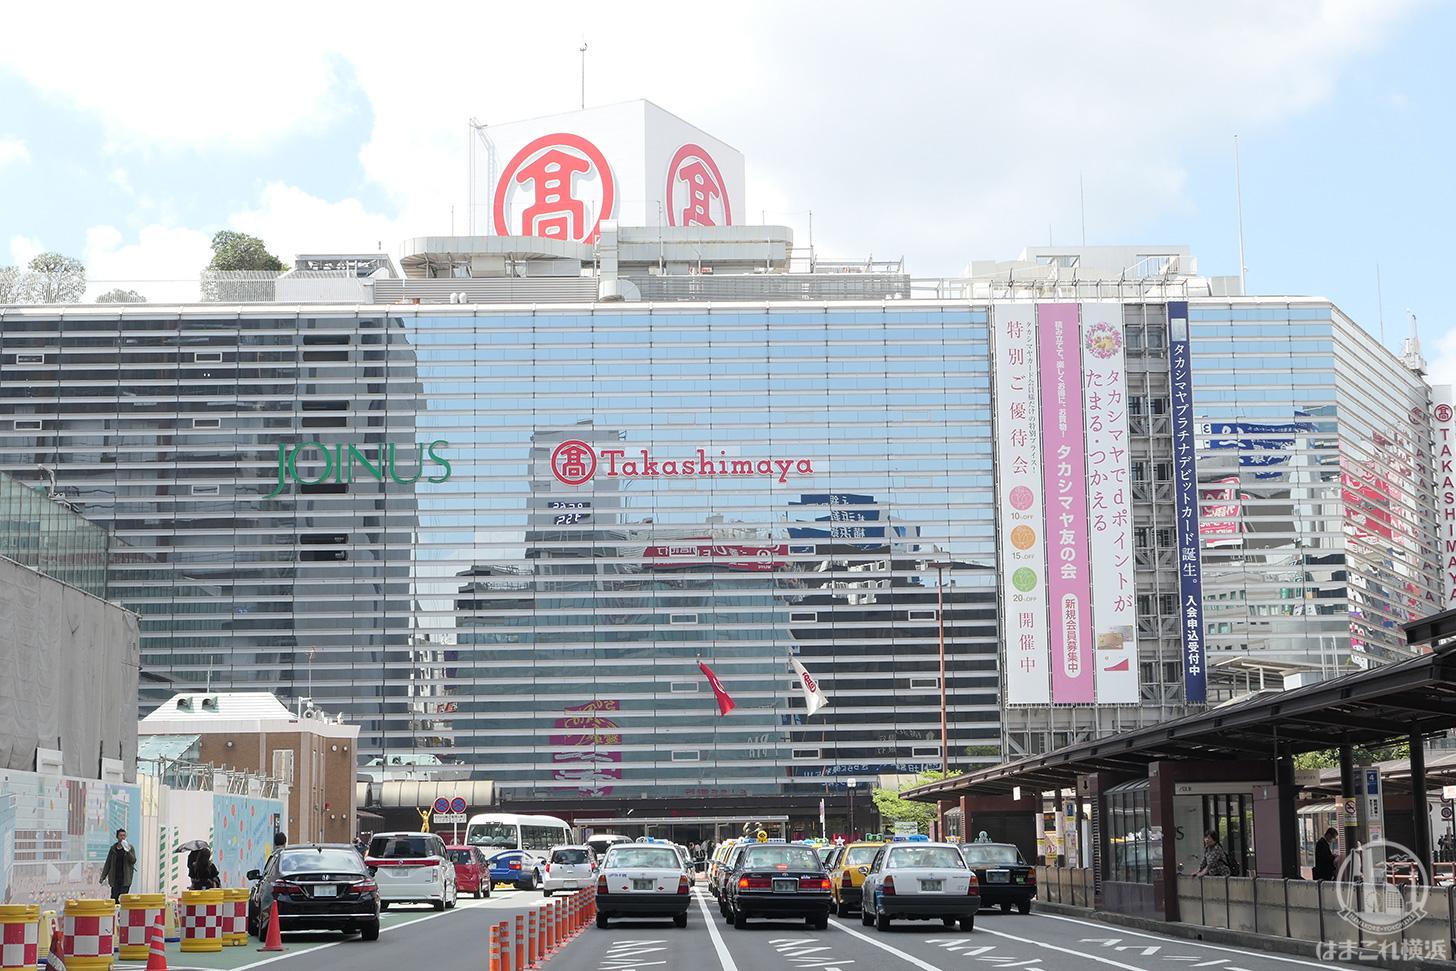 横浜高島屋、緊急事態宣言解除でフーディーズポート2など営業時間変更